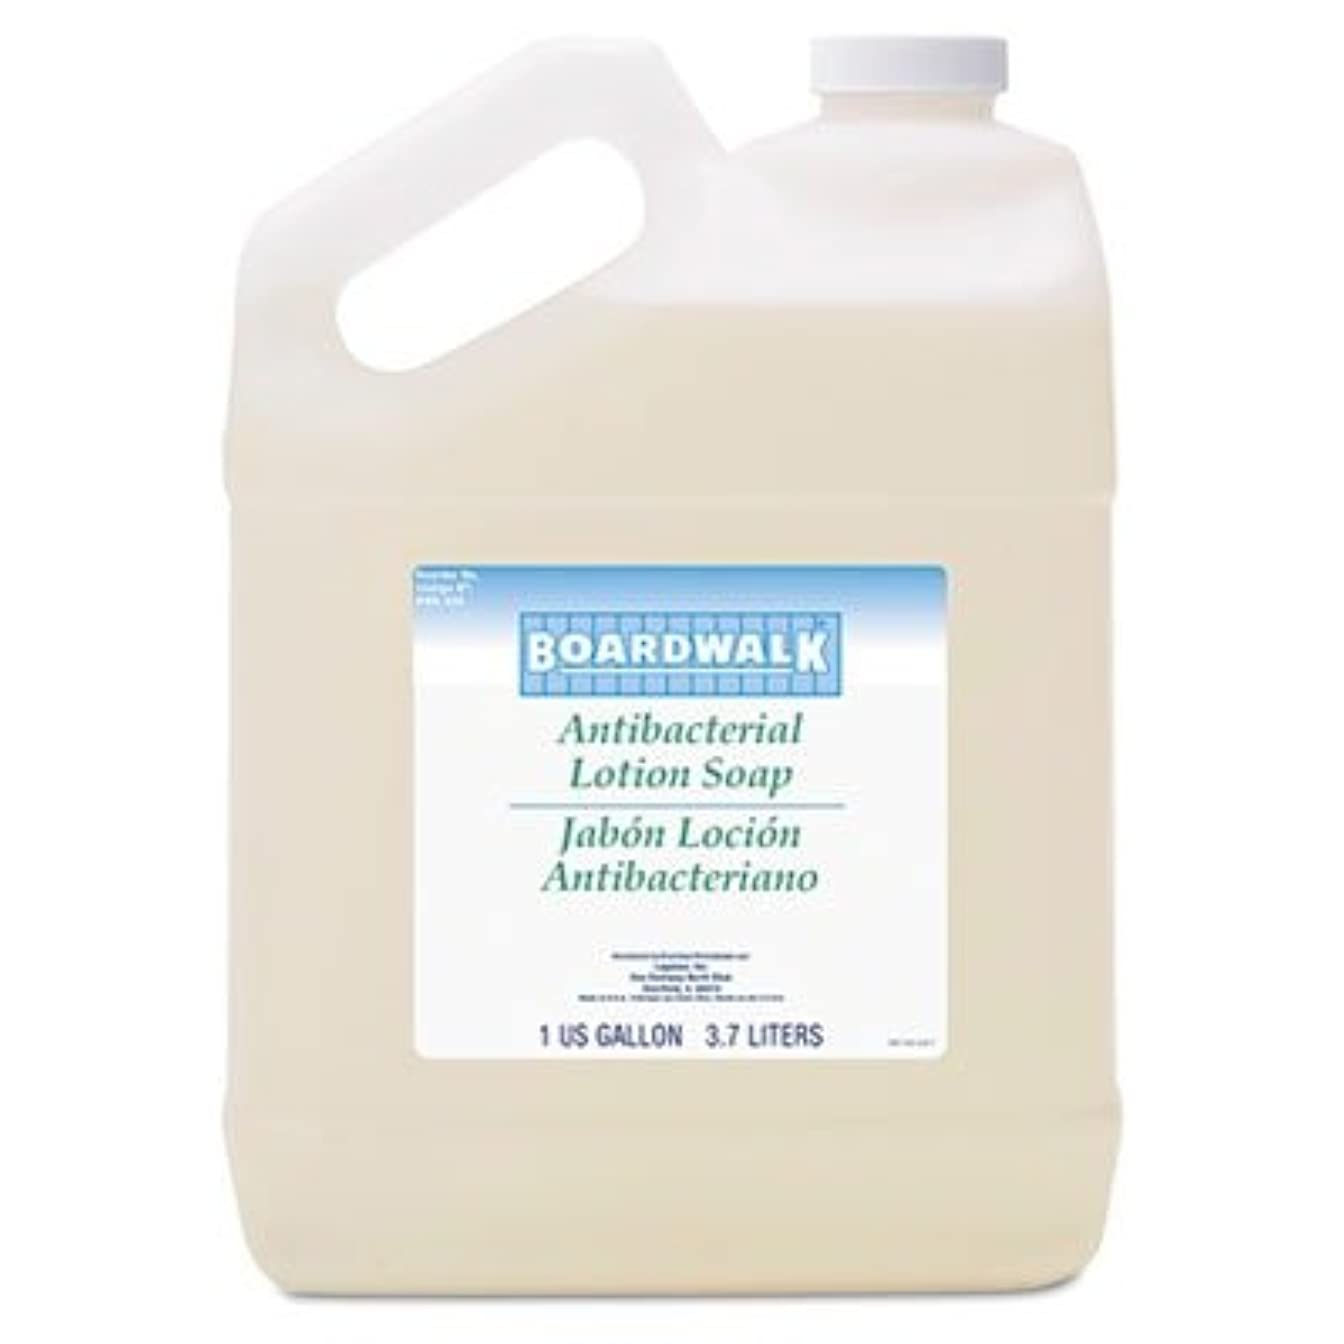 フェロー諸島みなす炭水化物boardwalkreg ; Antibacterial Soap BWK 430